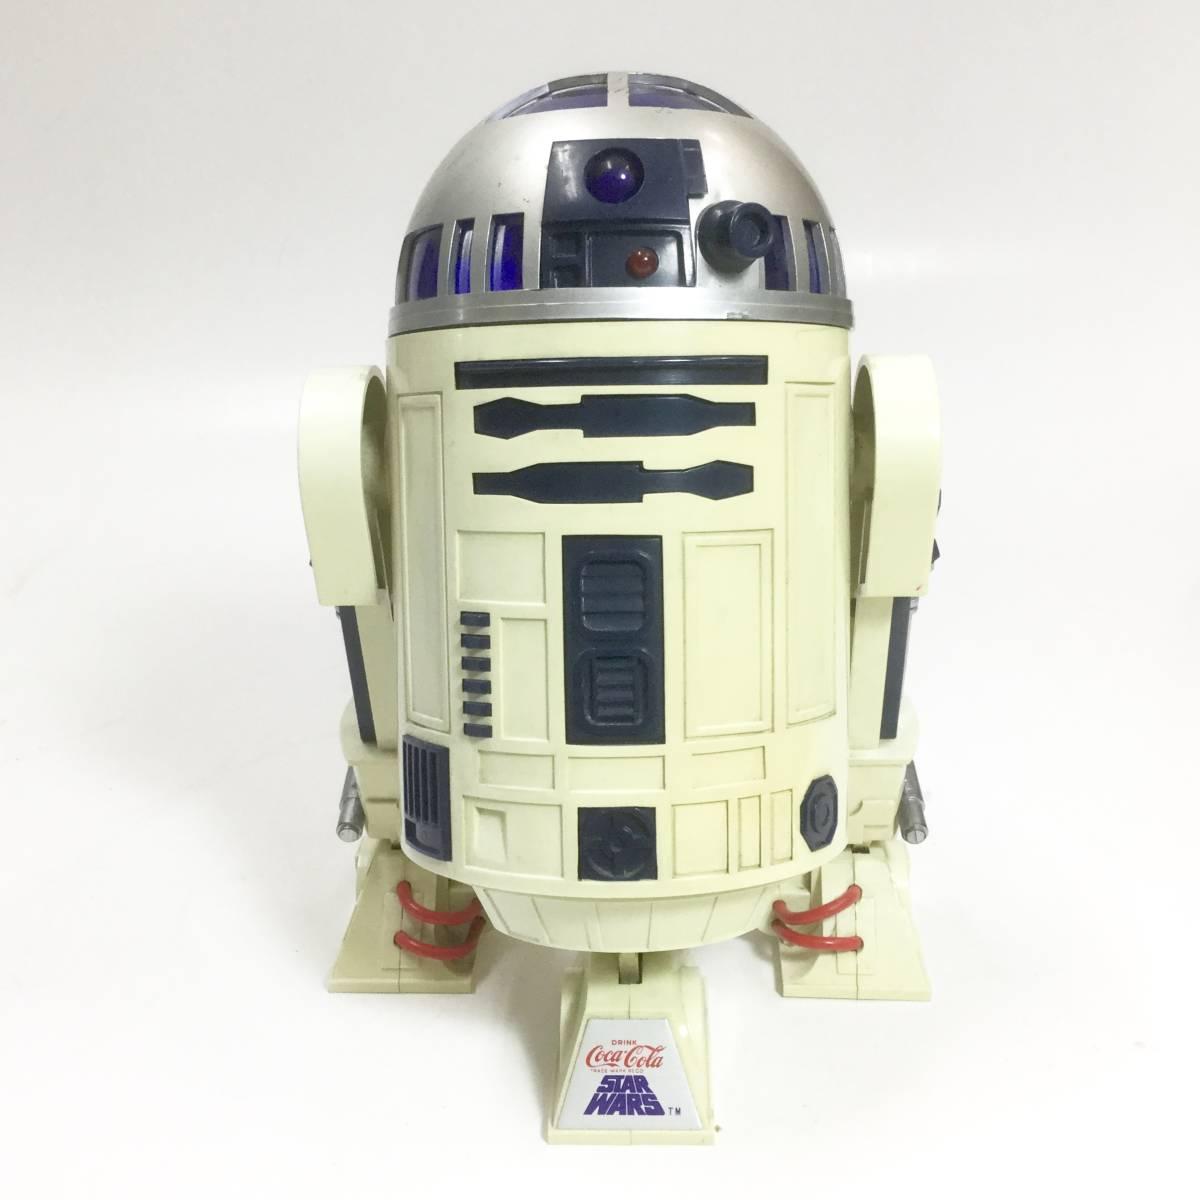 R2-D2 ラジオ 作動品 スターウォーズ 1977年版 コカコーラ 懸賞品 非売品 レトロ ビンテージ